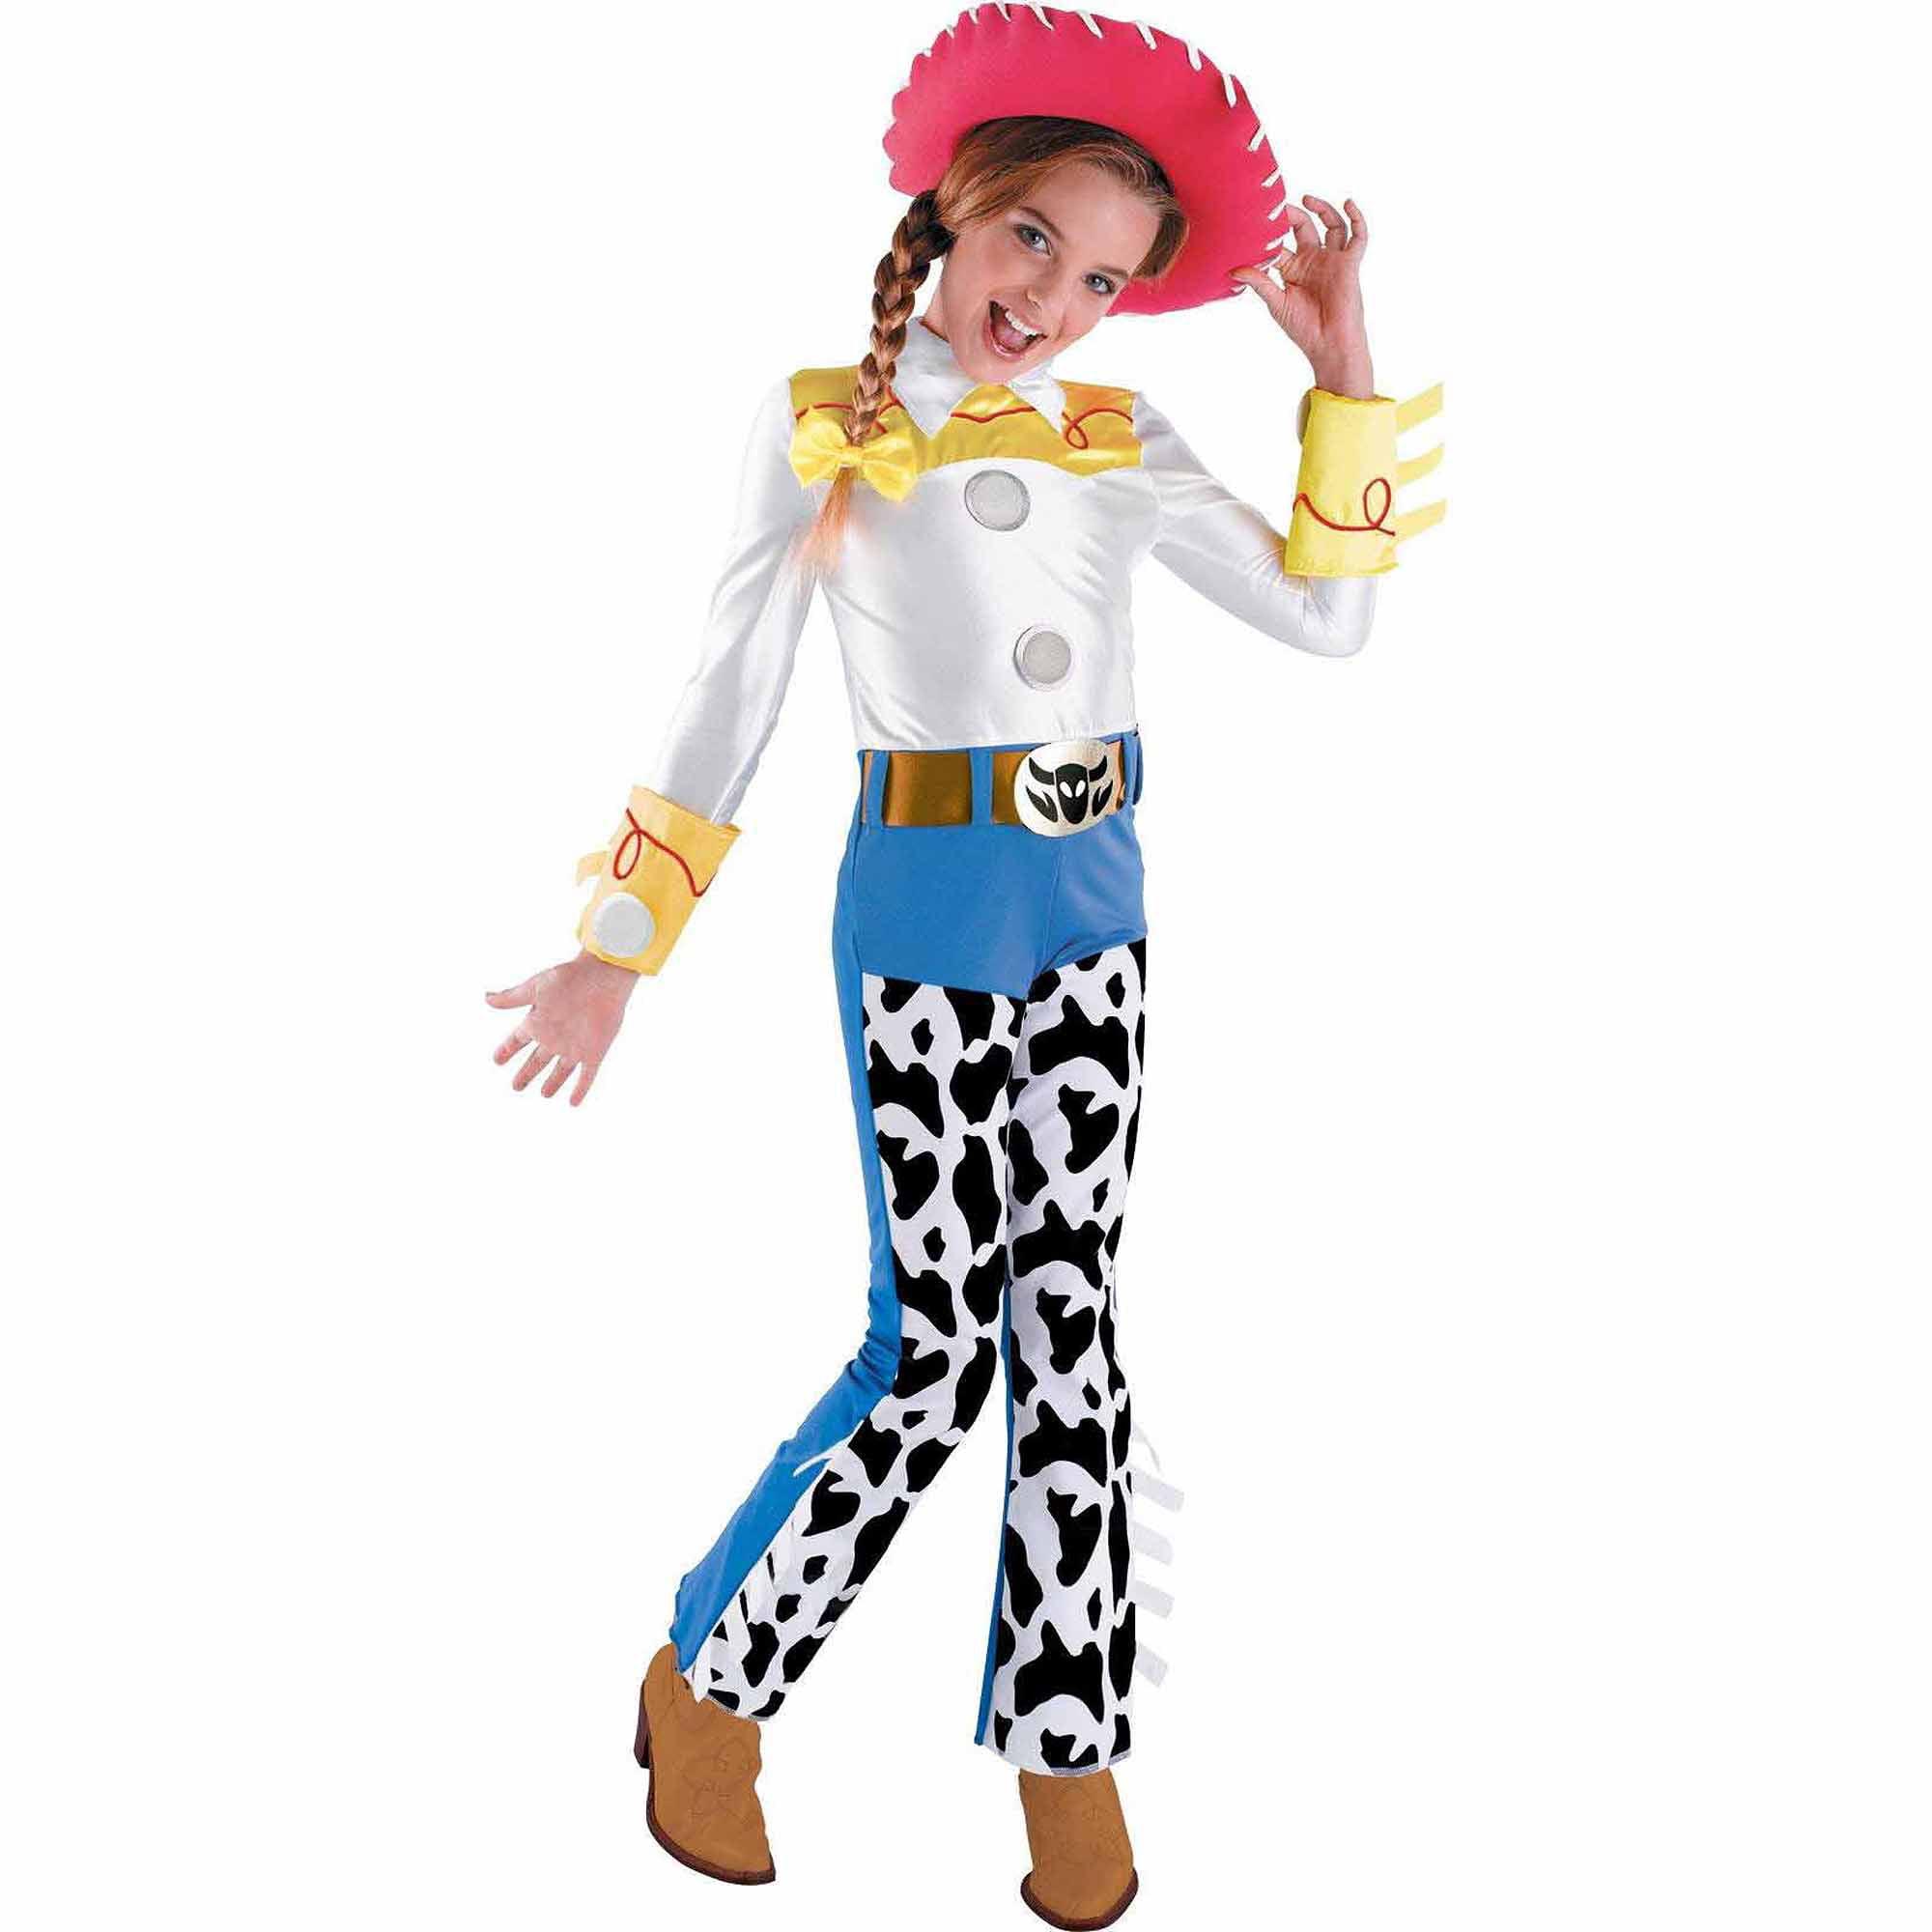 Disney Toy Story Jessie Deluxe Child Halloween Costume